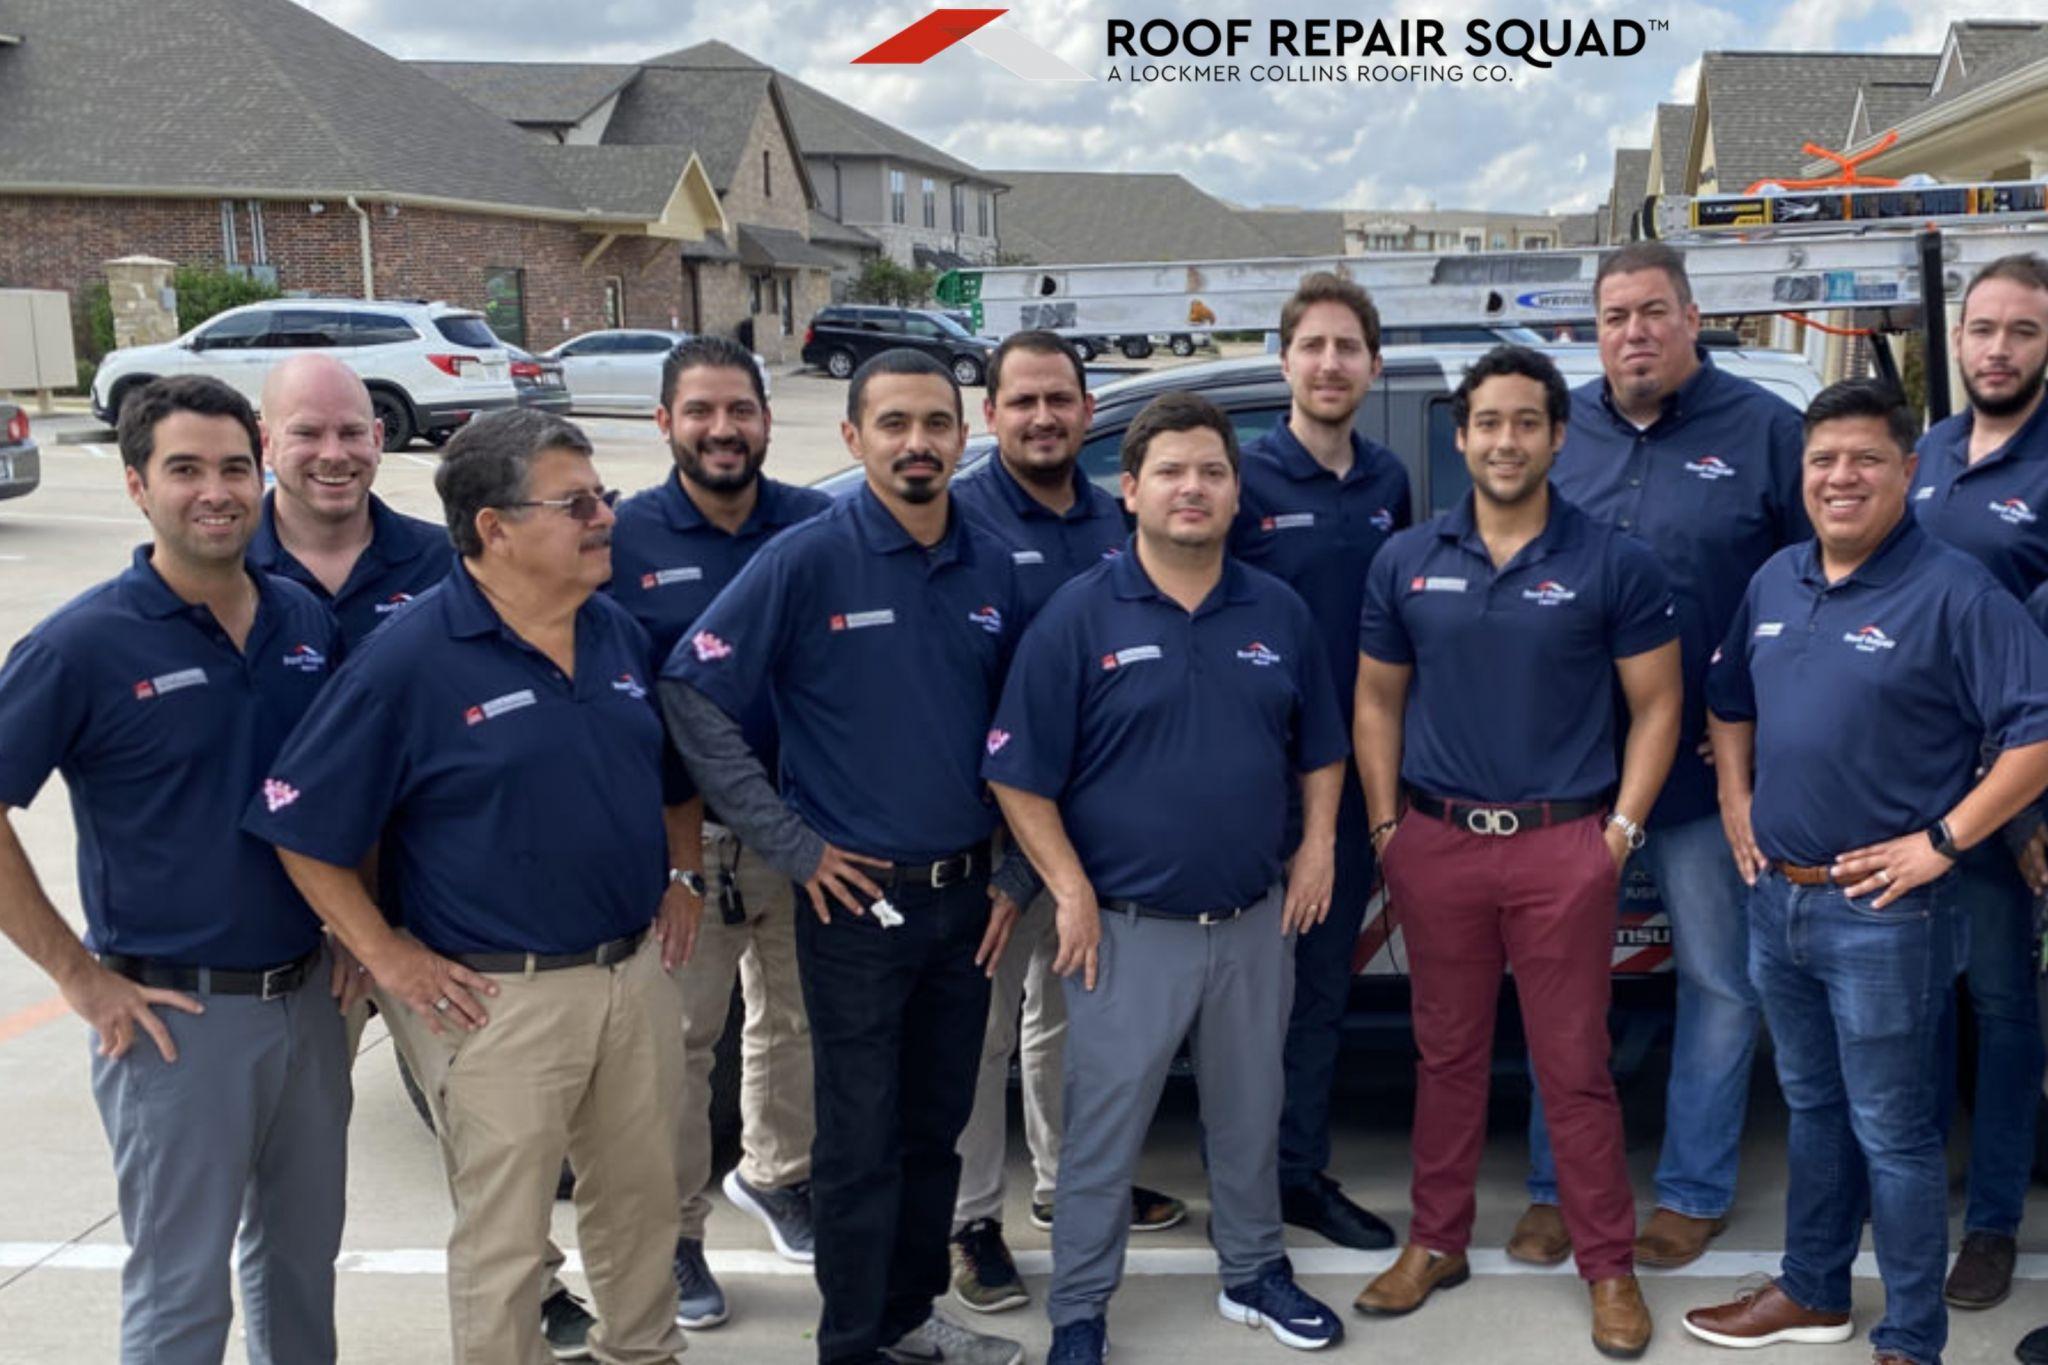 Houston's Roof Repair Squad